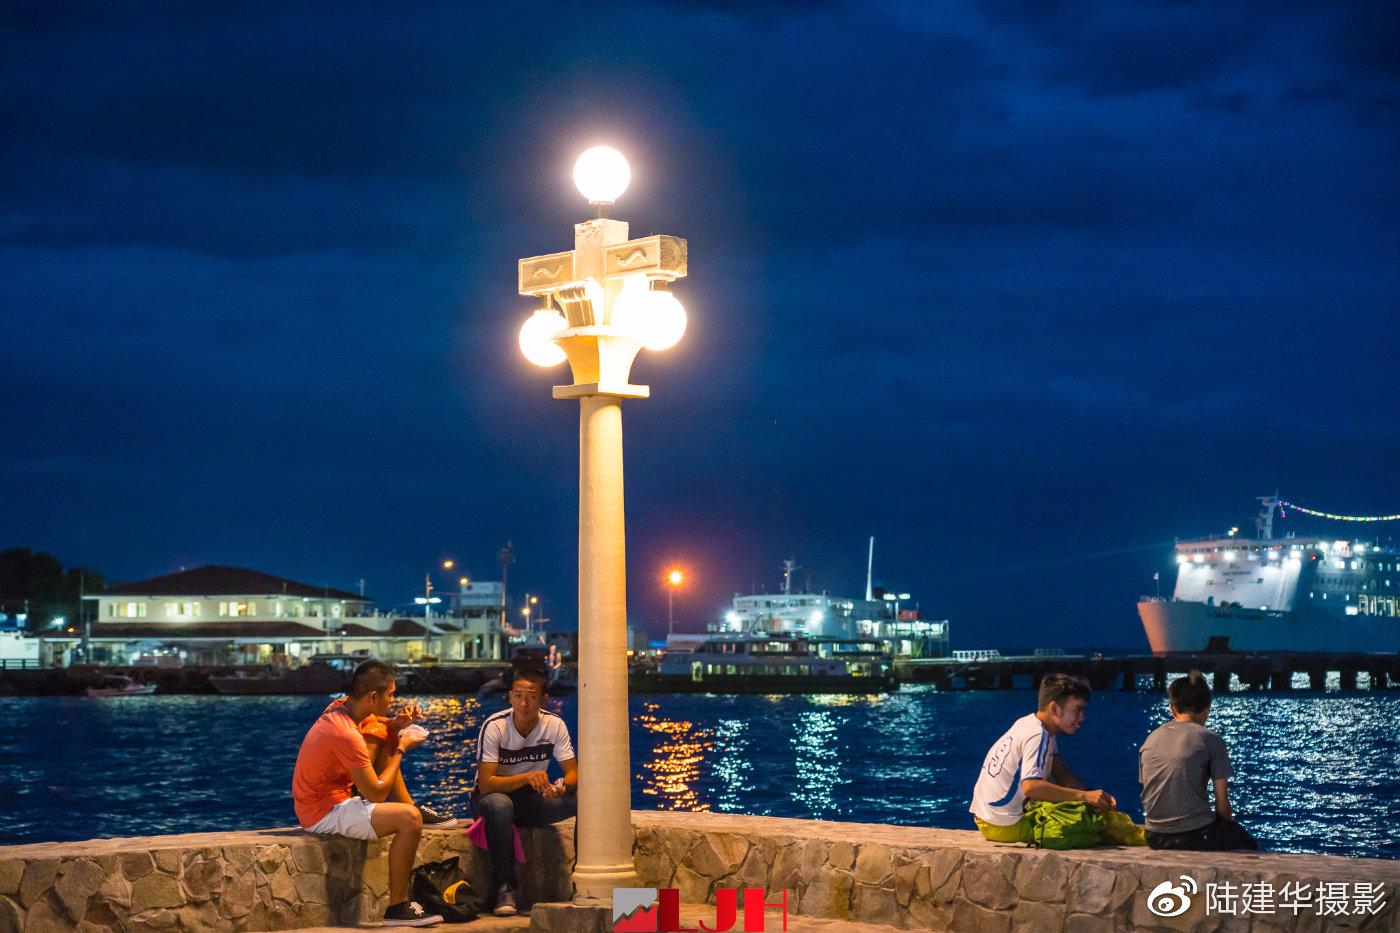 菲律宾杜马盖地海滨大道 夜晚的氛围让人迷离